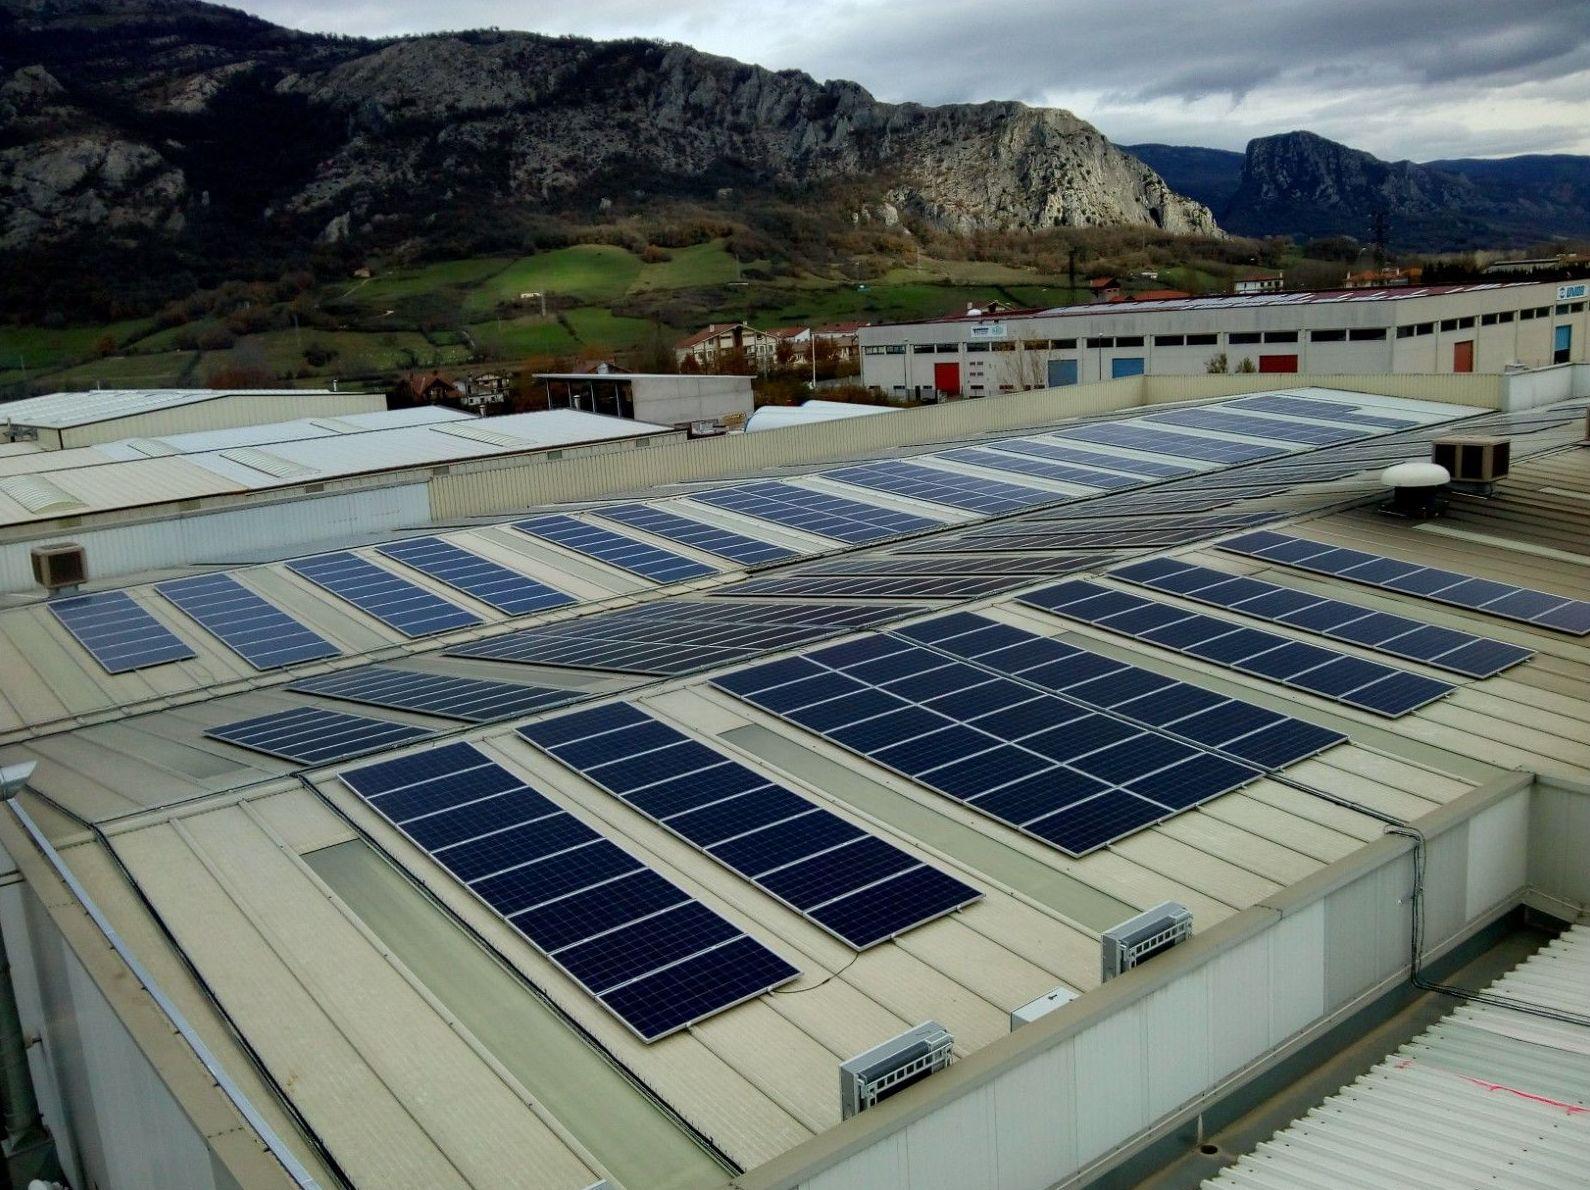 Energías renovable, fotovoltaica para autoconsumo en empresa Trefilados de Navarra